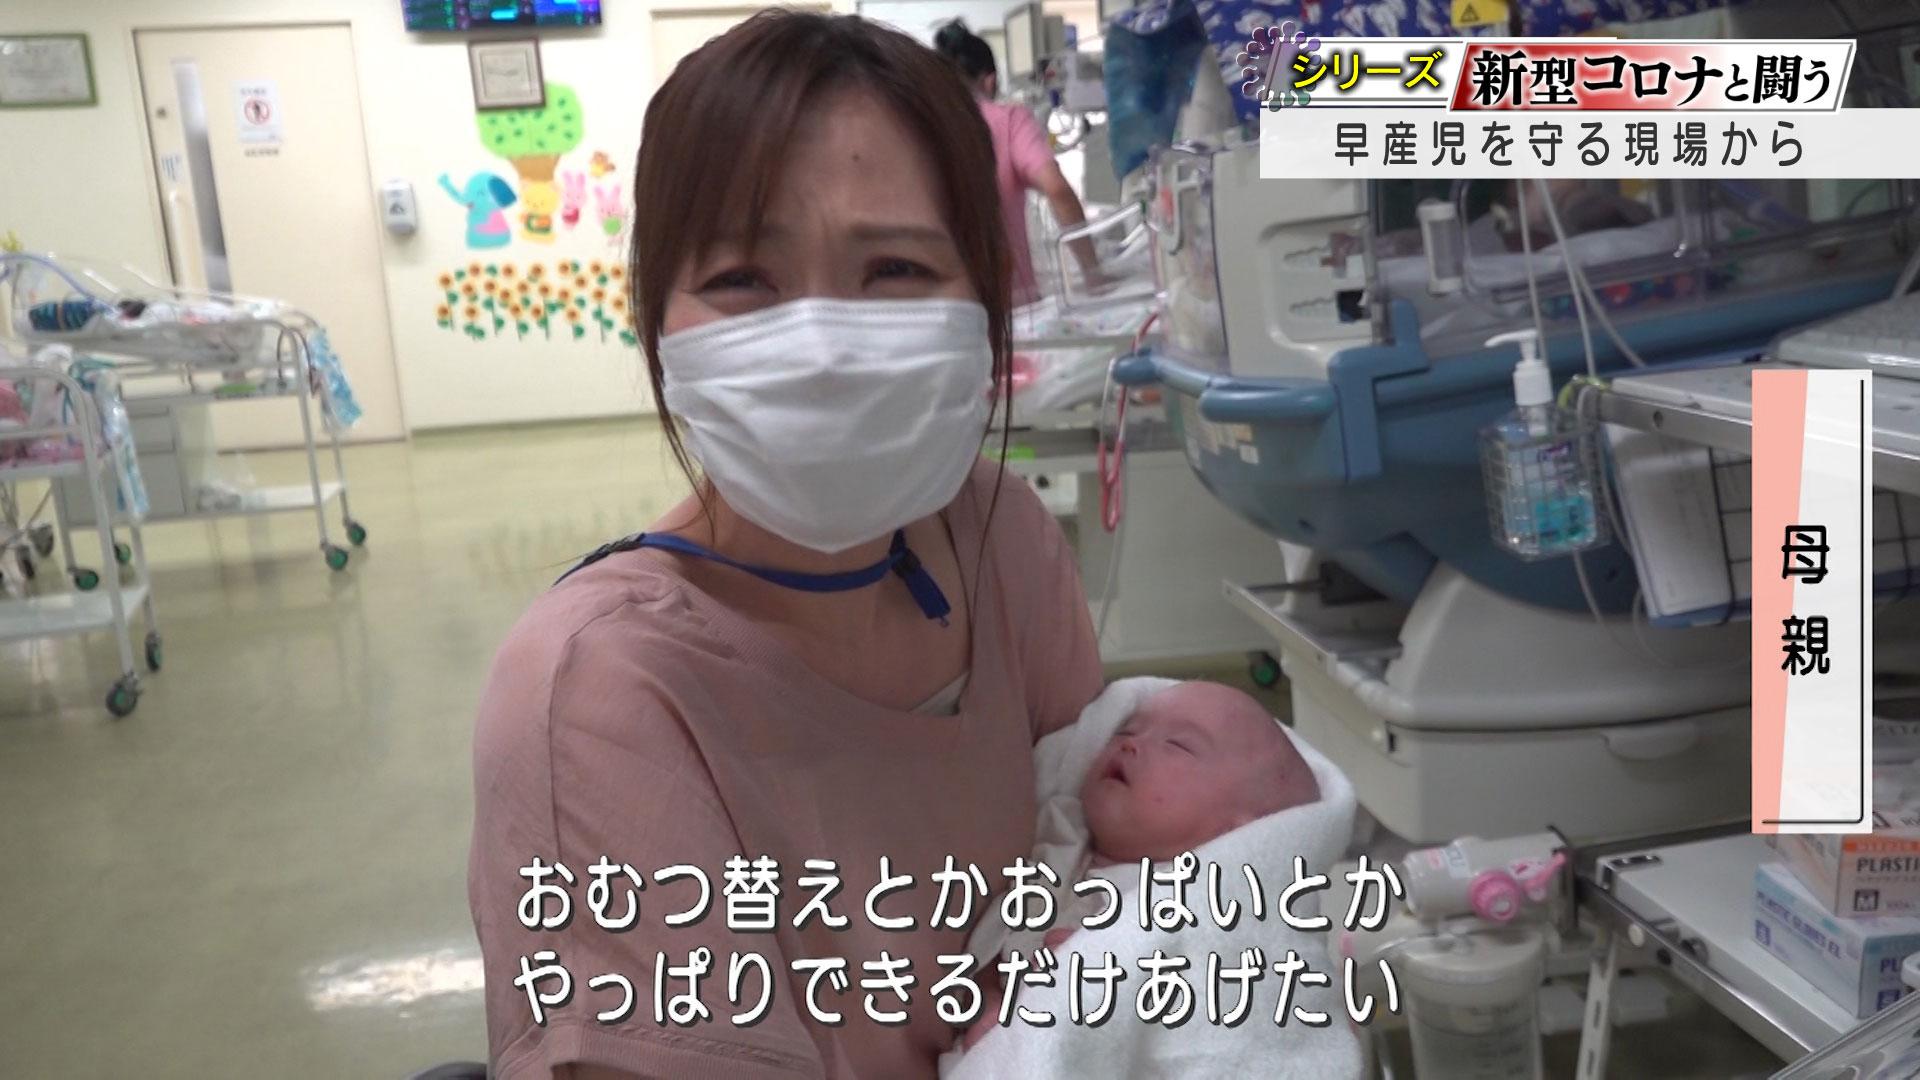 コロナと闘う 早産児を守る現場で